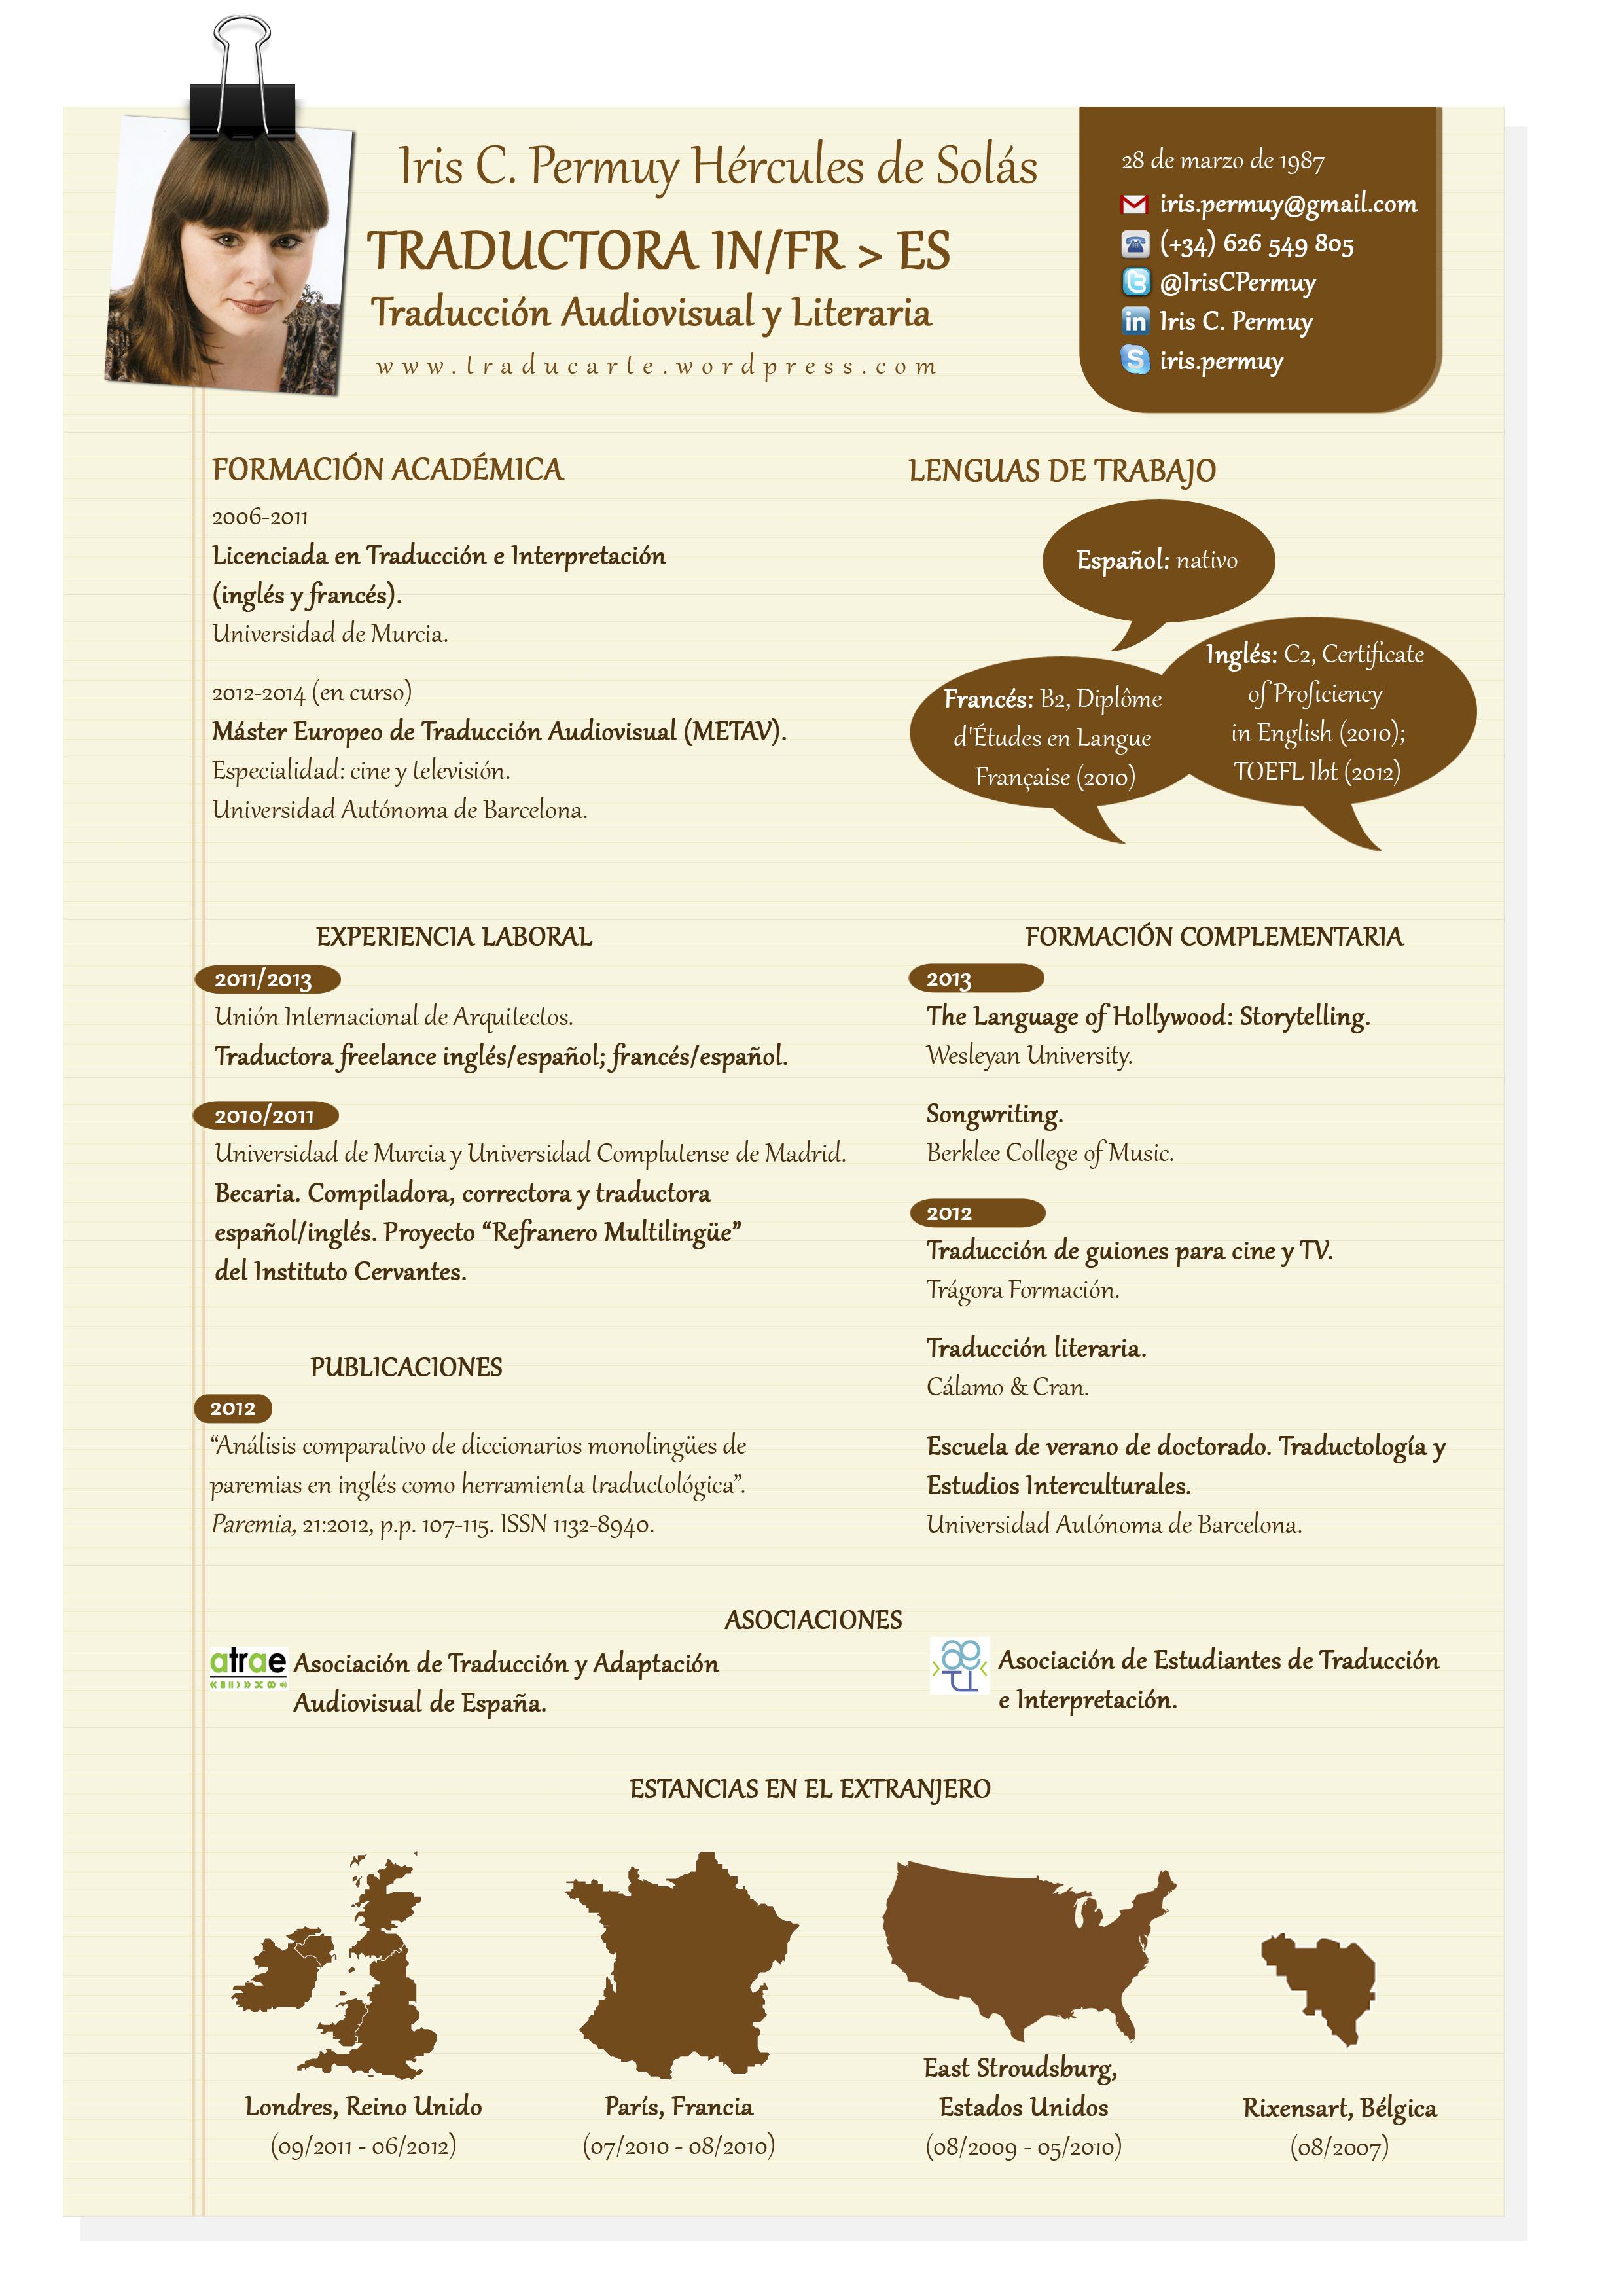 El Cv De Traductor Freelance En 500 Palabras